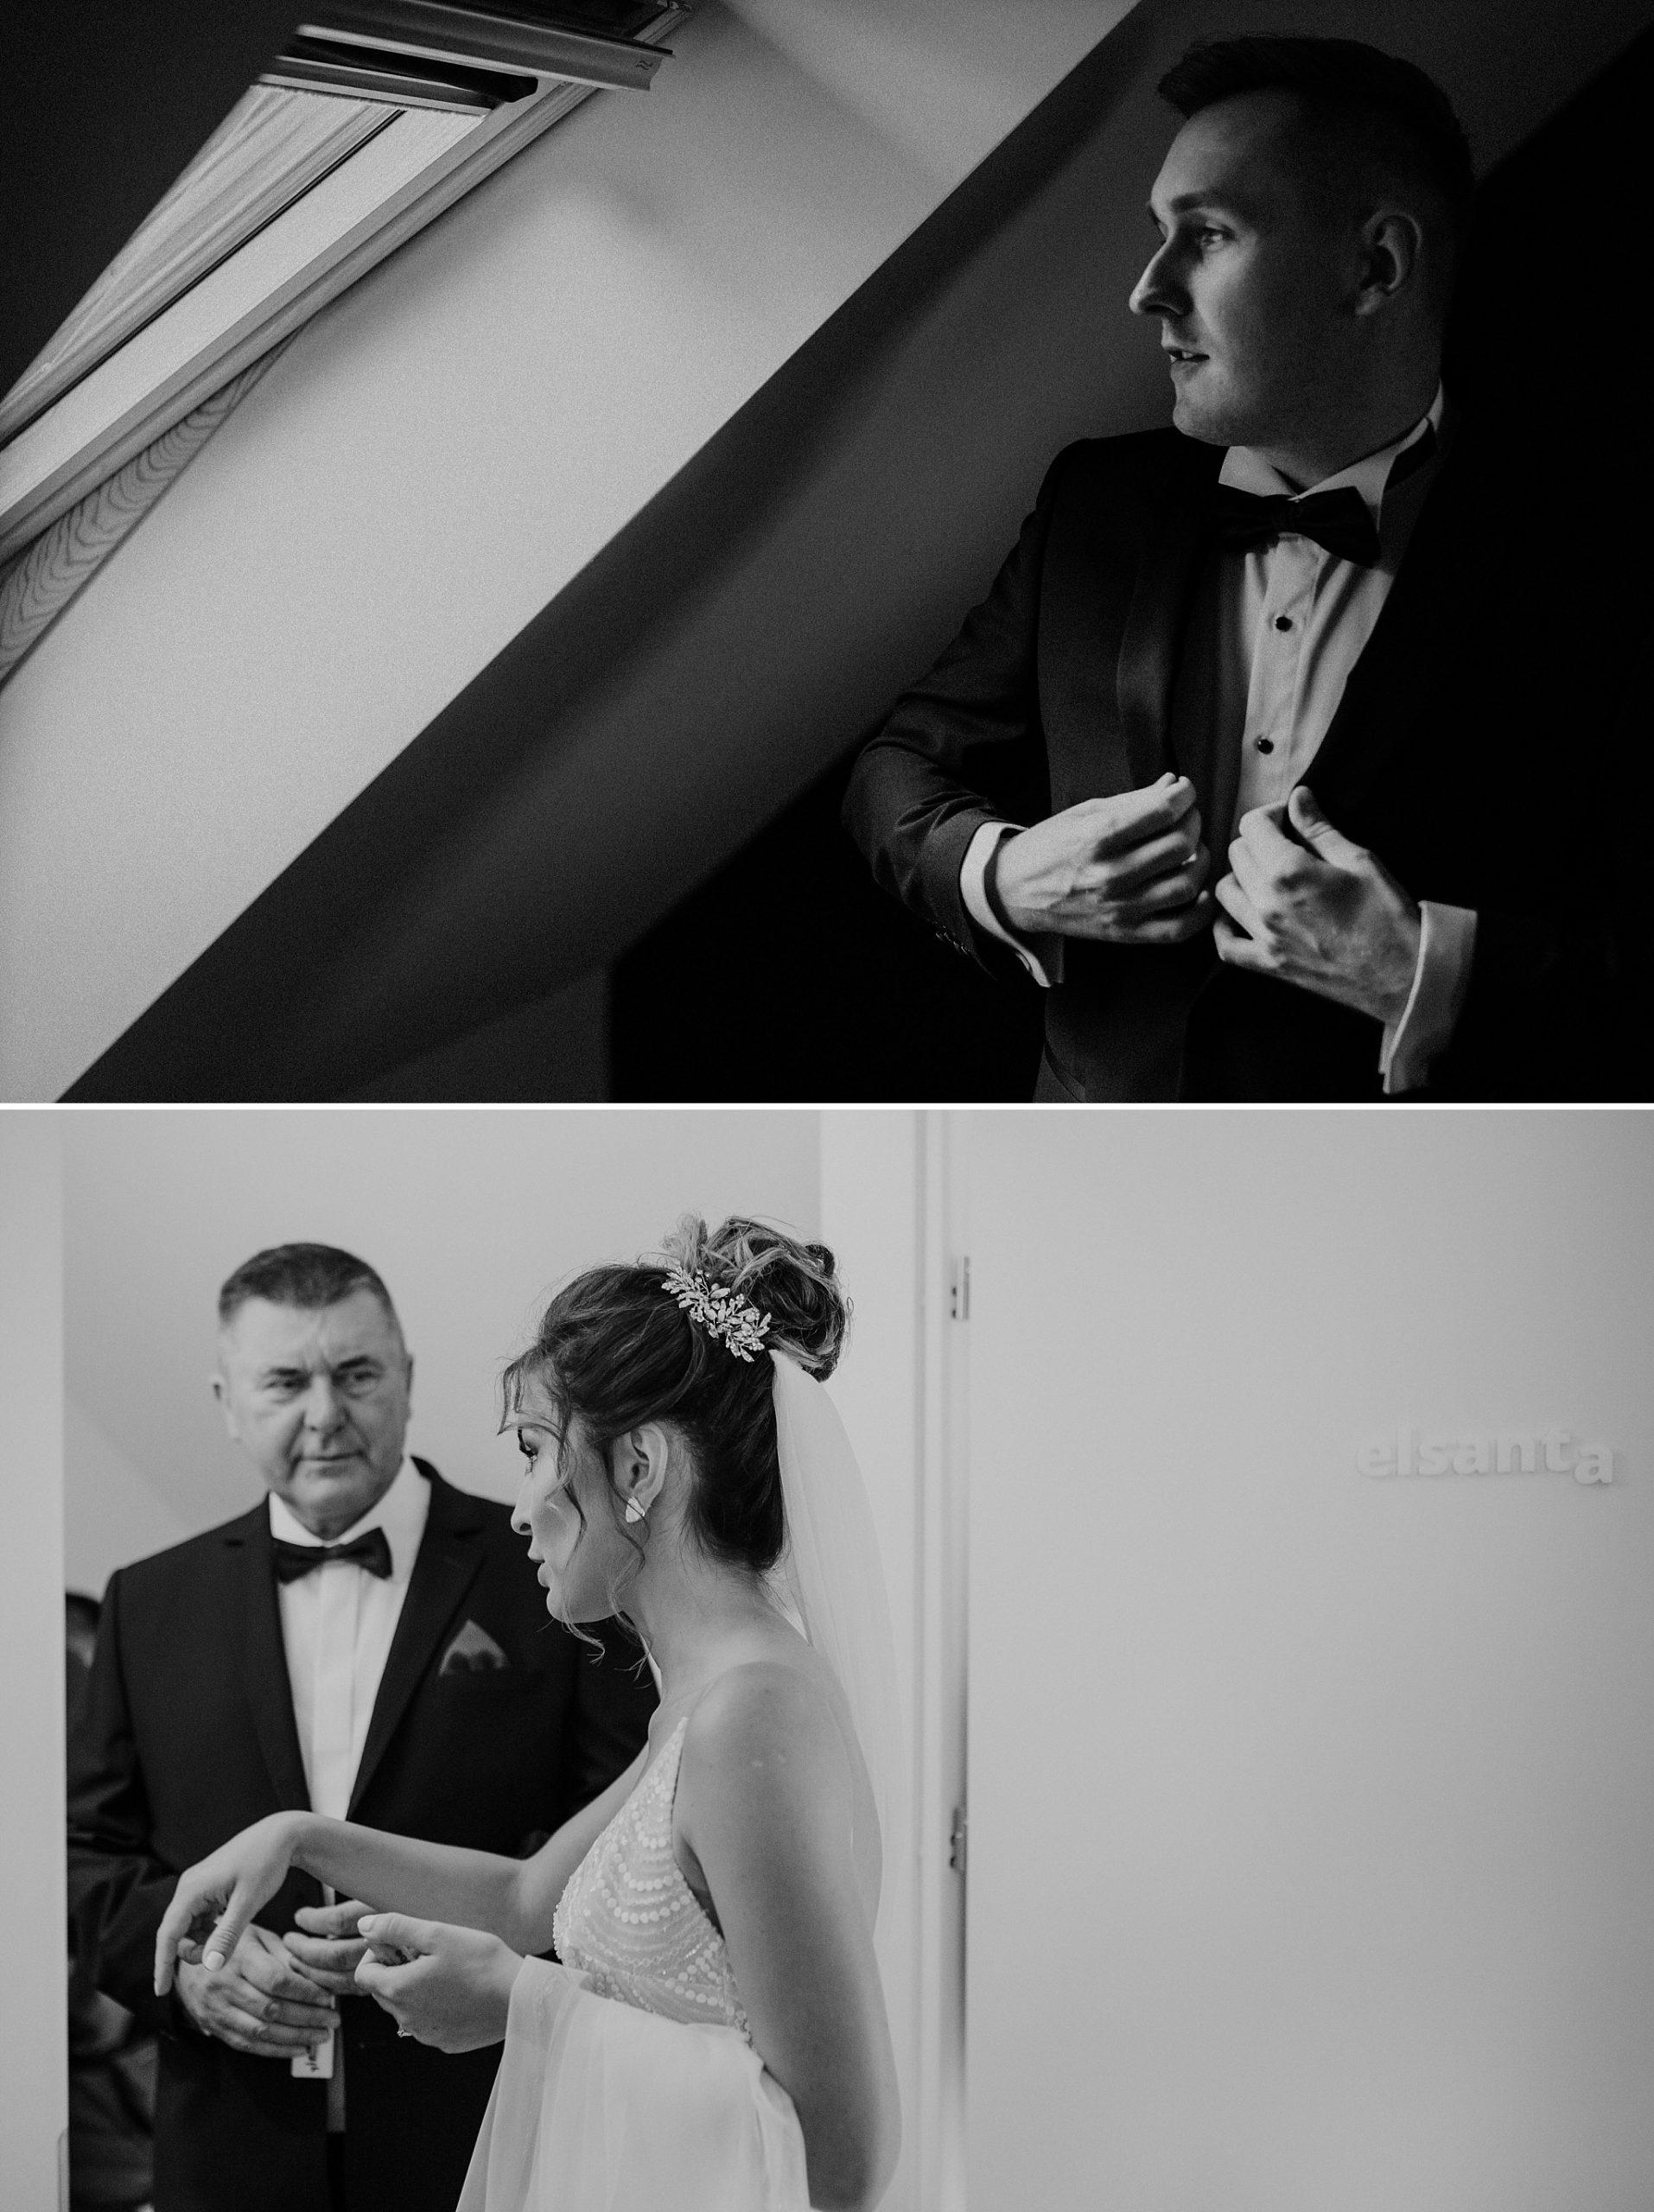 fotograf poznan wesele dobra truskawka piekne wesele pod poznaniem wesele w dobrej truskawce piekna para mloda slub marzen slub koronawirus slub listopad wesele koronawirus 063 scaled